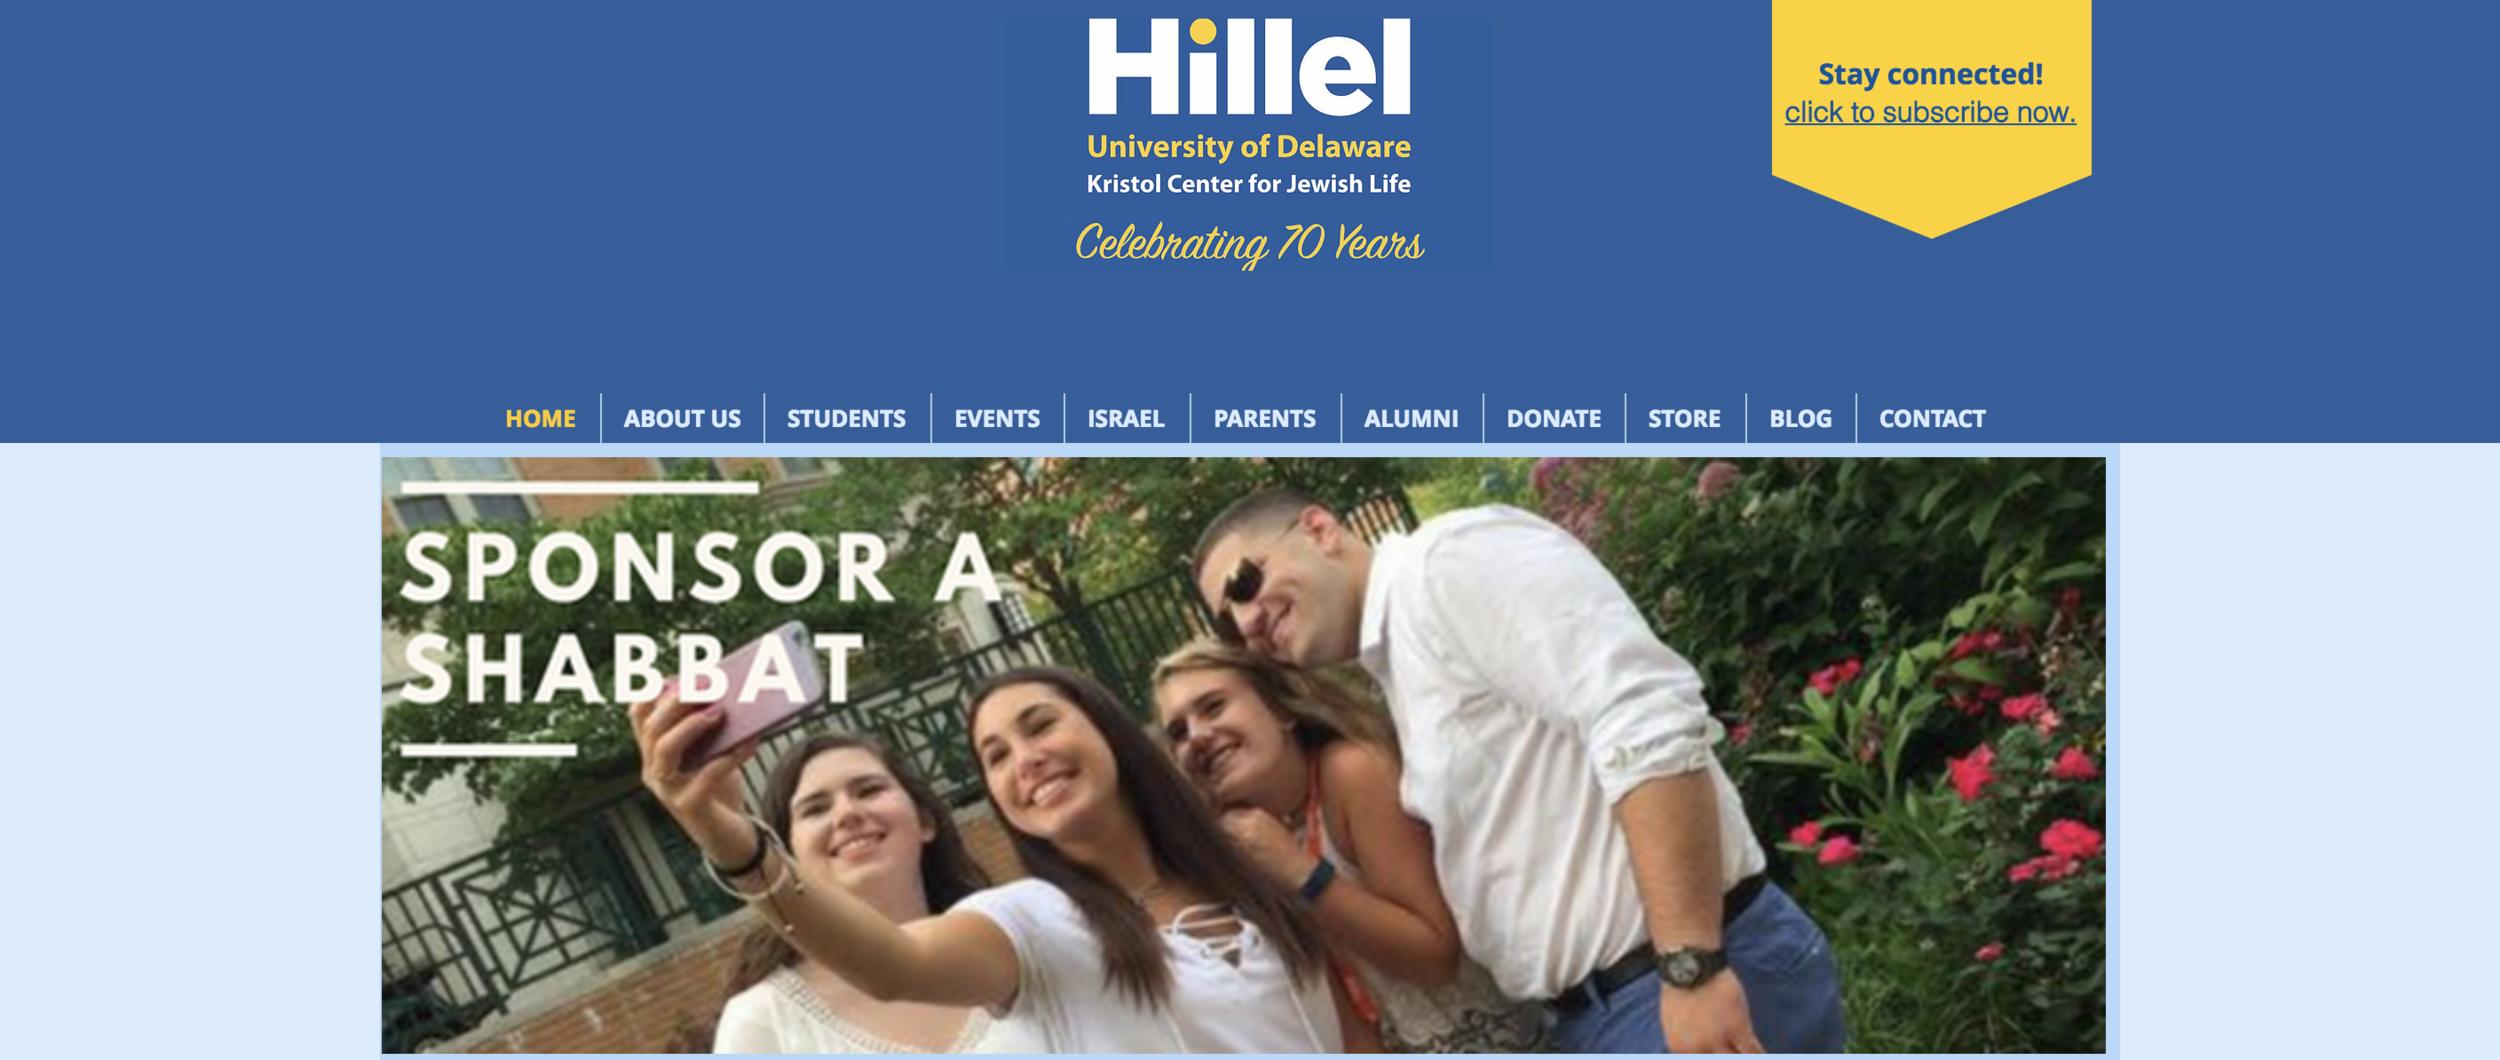 udhillel.org